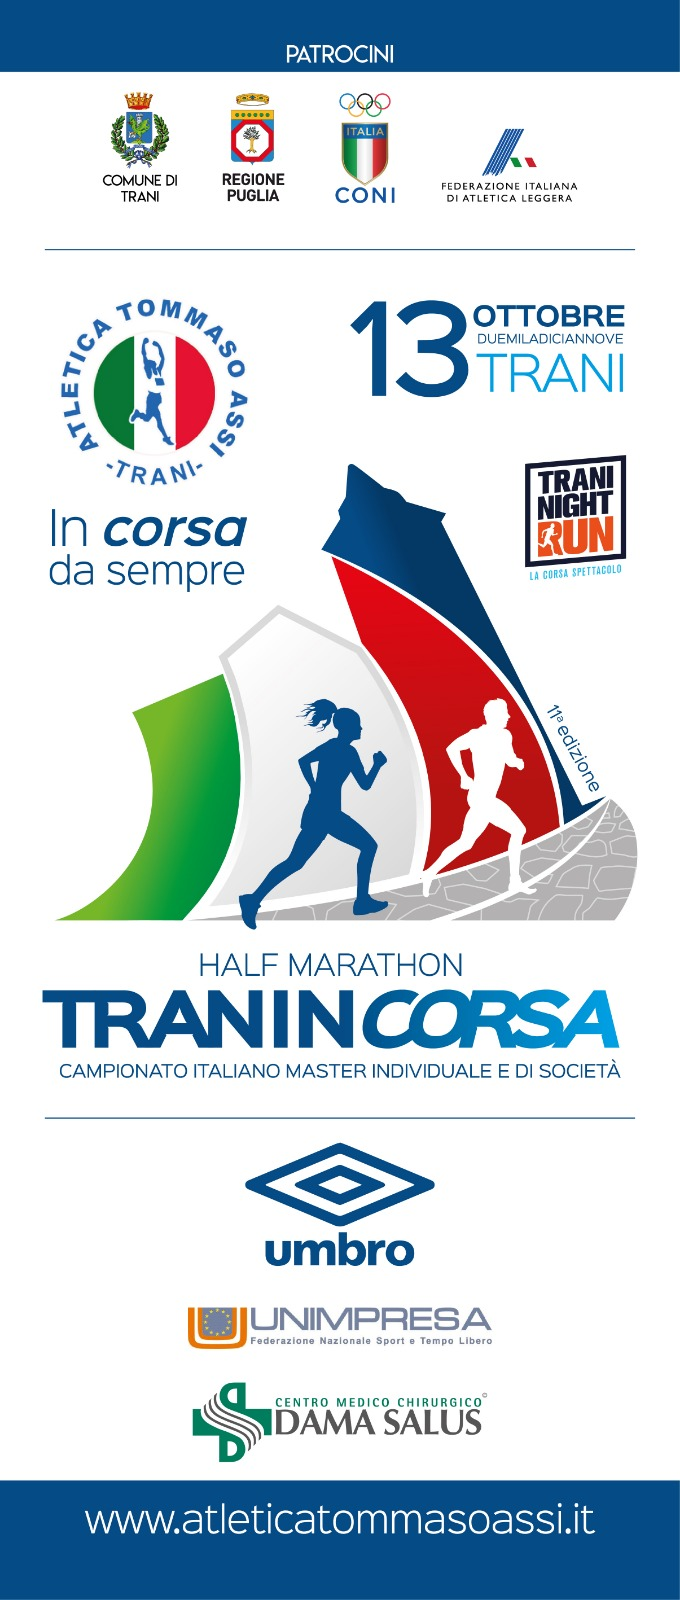 Tranincorsa mezza maratona a Trani